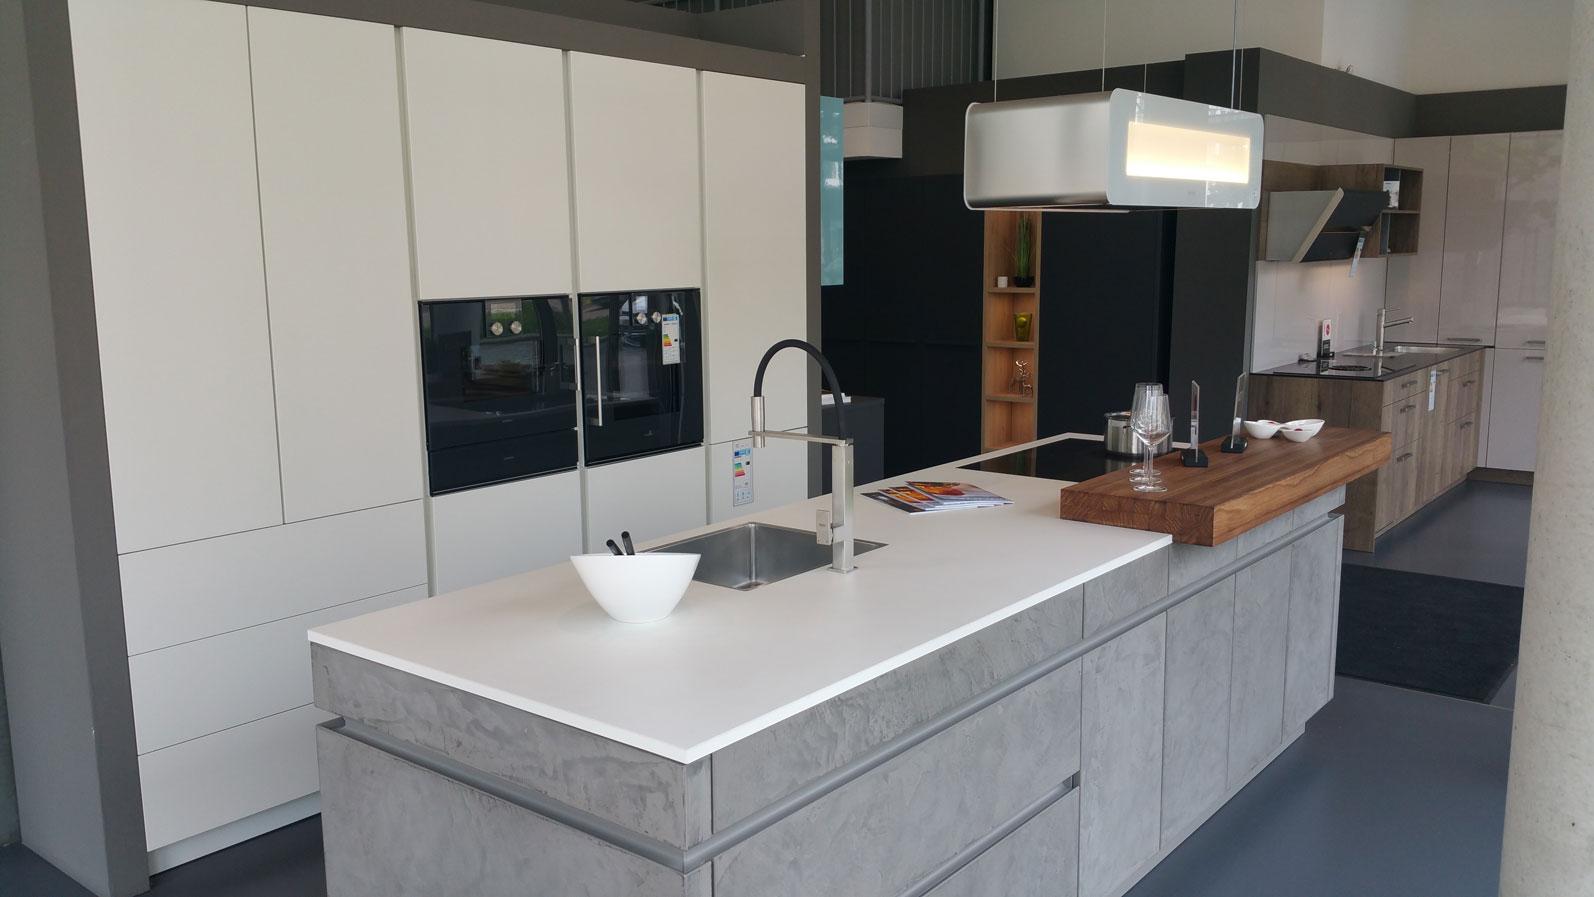 Neue Küchenräume in unserer Ausstellung – Objekt und Küche